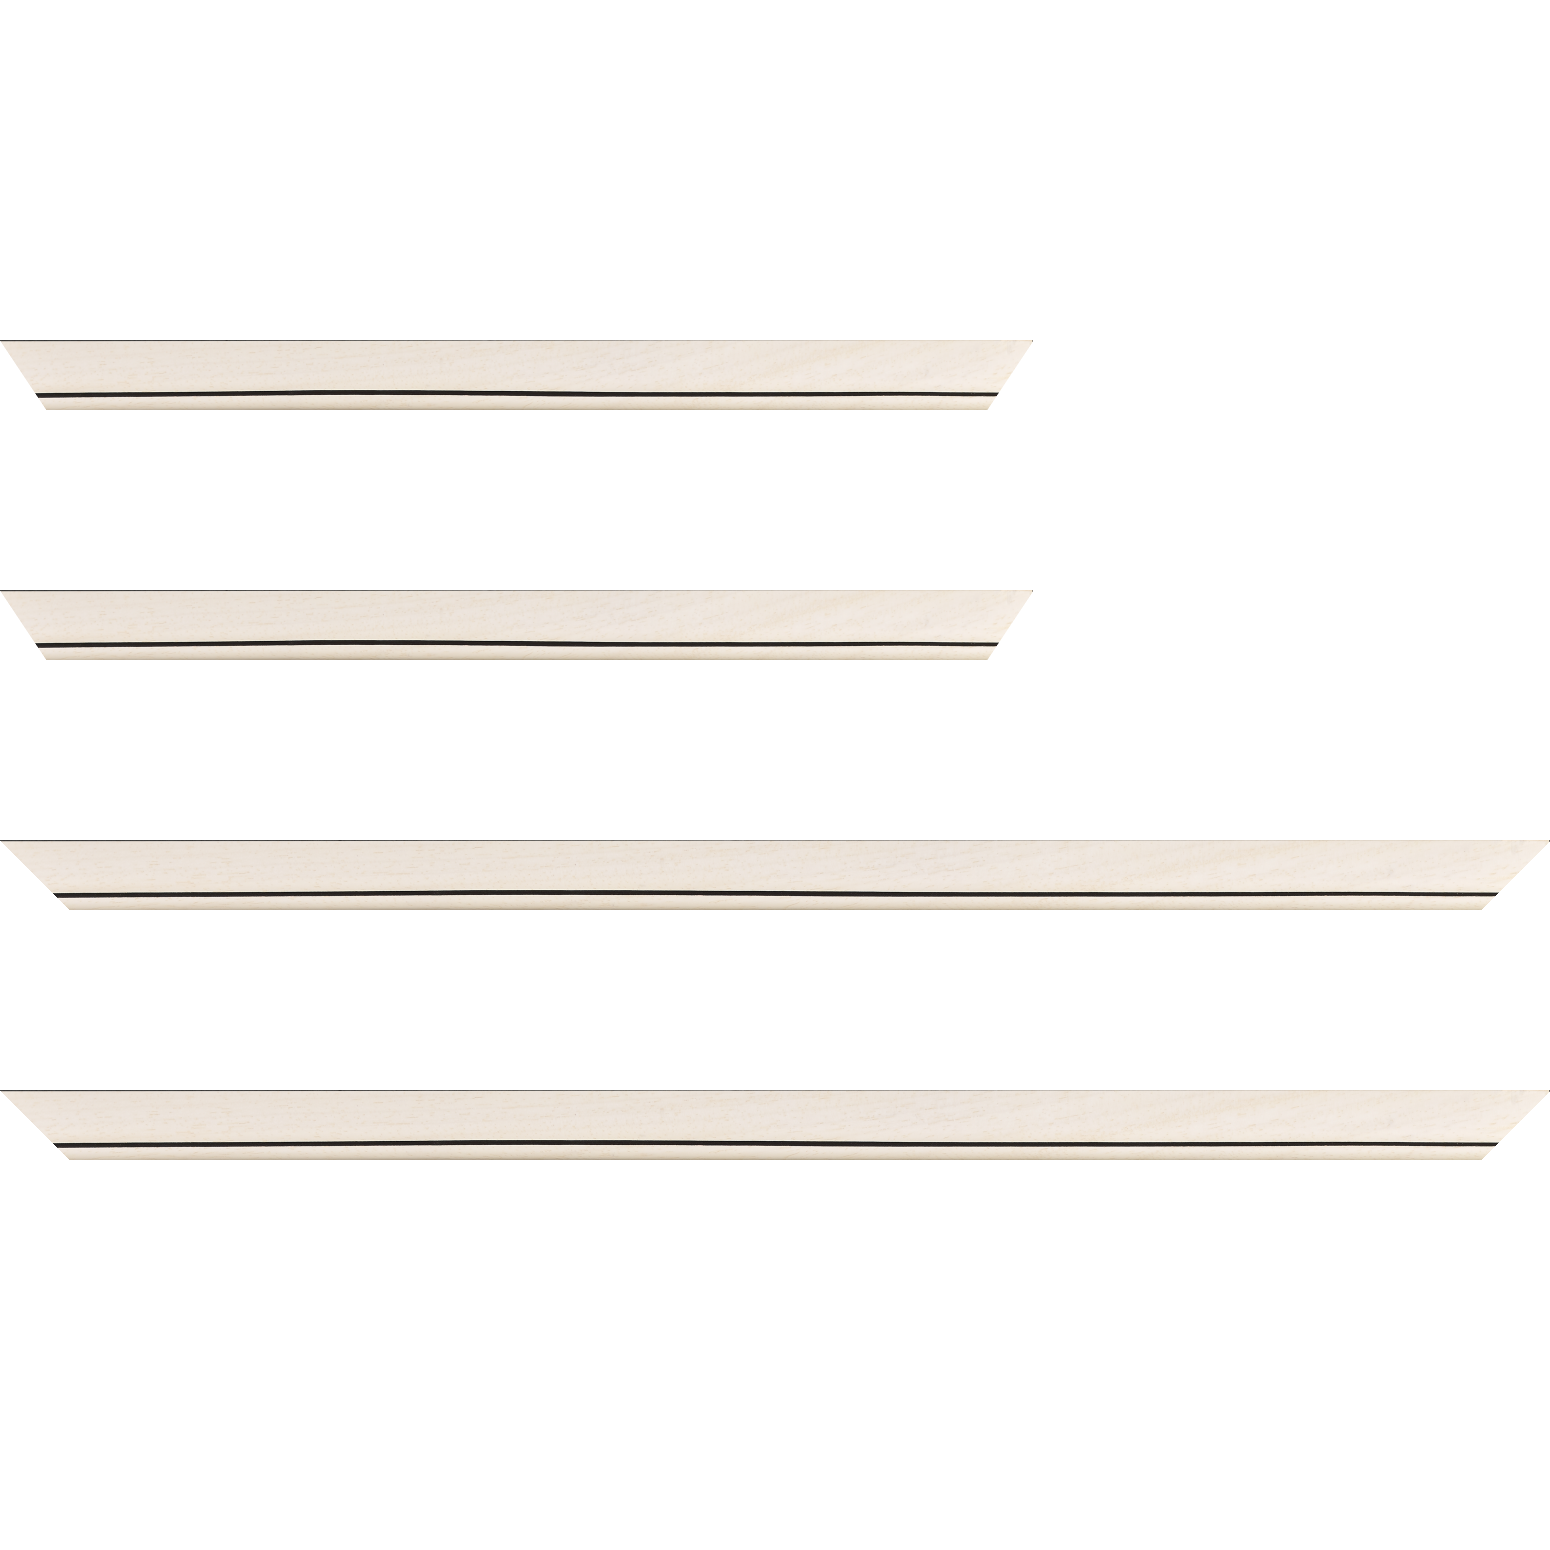 Baguette service précoupé bois profil bombé largeur 2.4cm couleur crème satiné filet noir